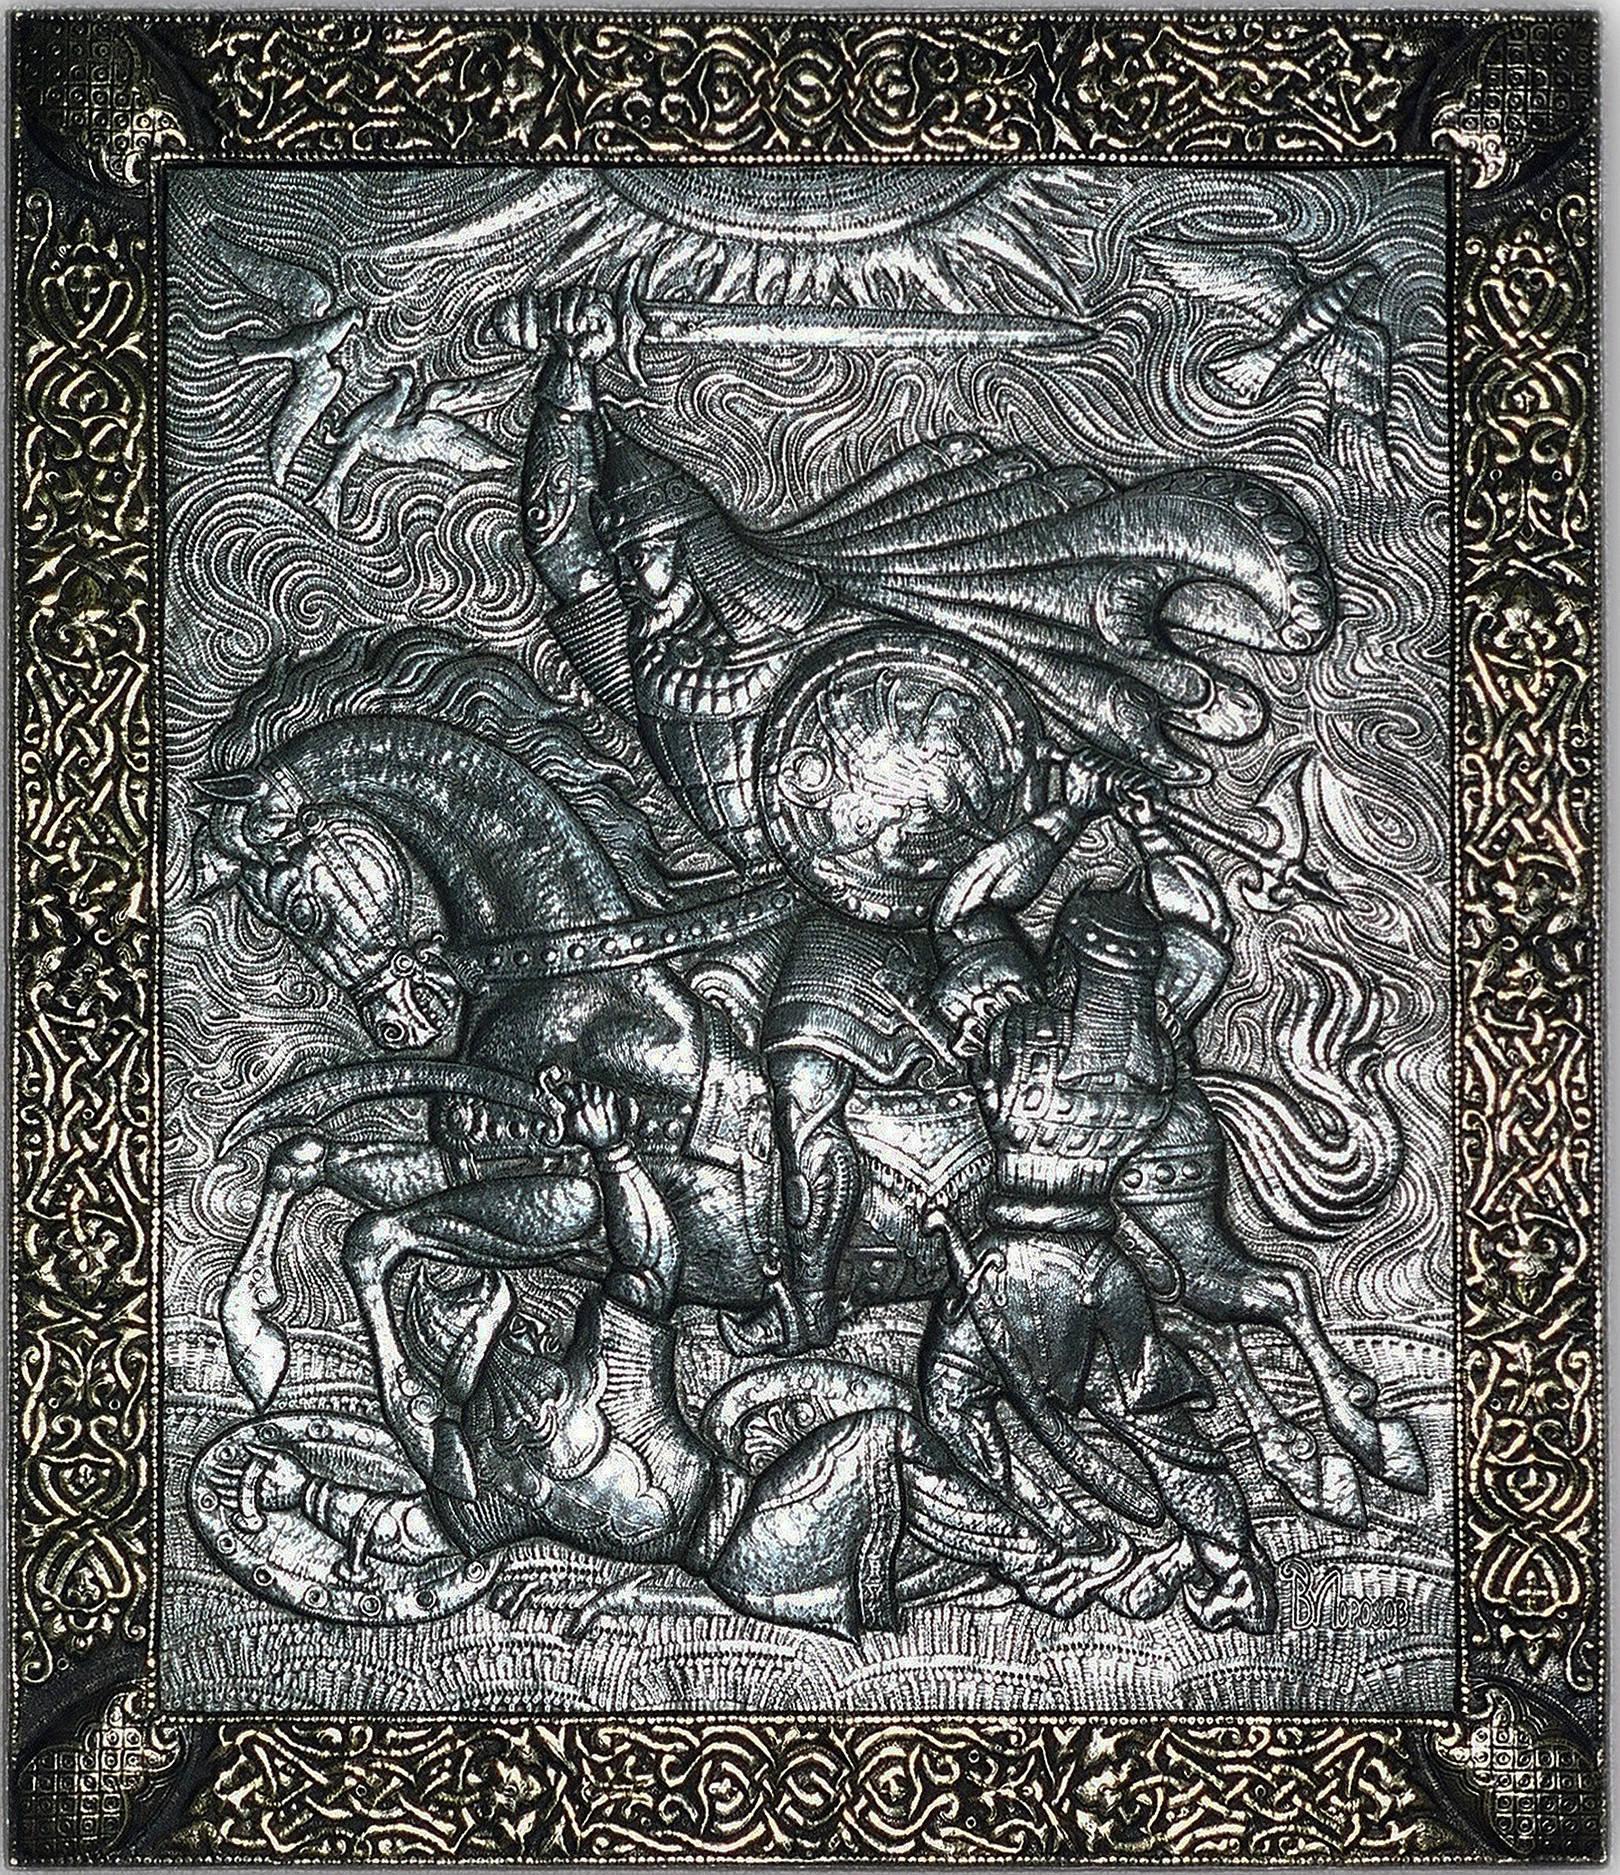 Схватка. Конец Куликовской битвы 2002 г. Алюминий, латунь; чернени 97 х 82 см